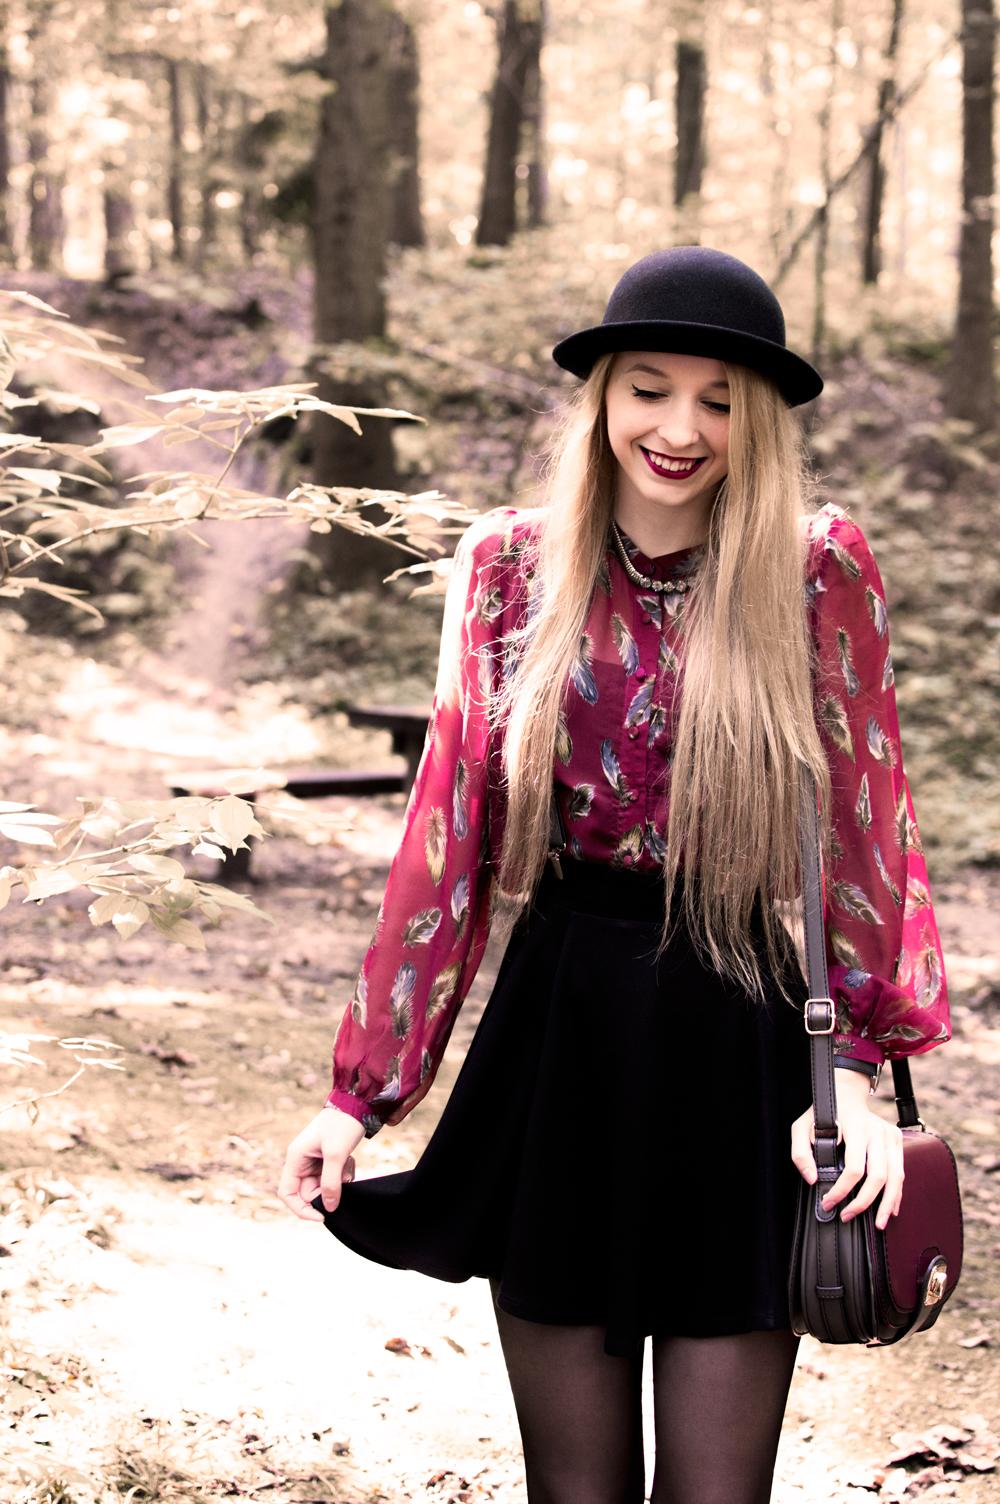 uśmiech blond włosy koszula second hand sh mgiełka blog modowy